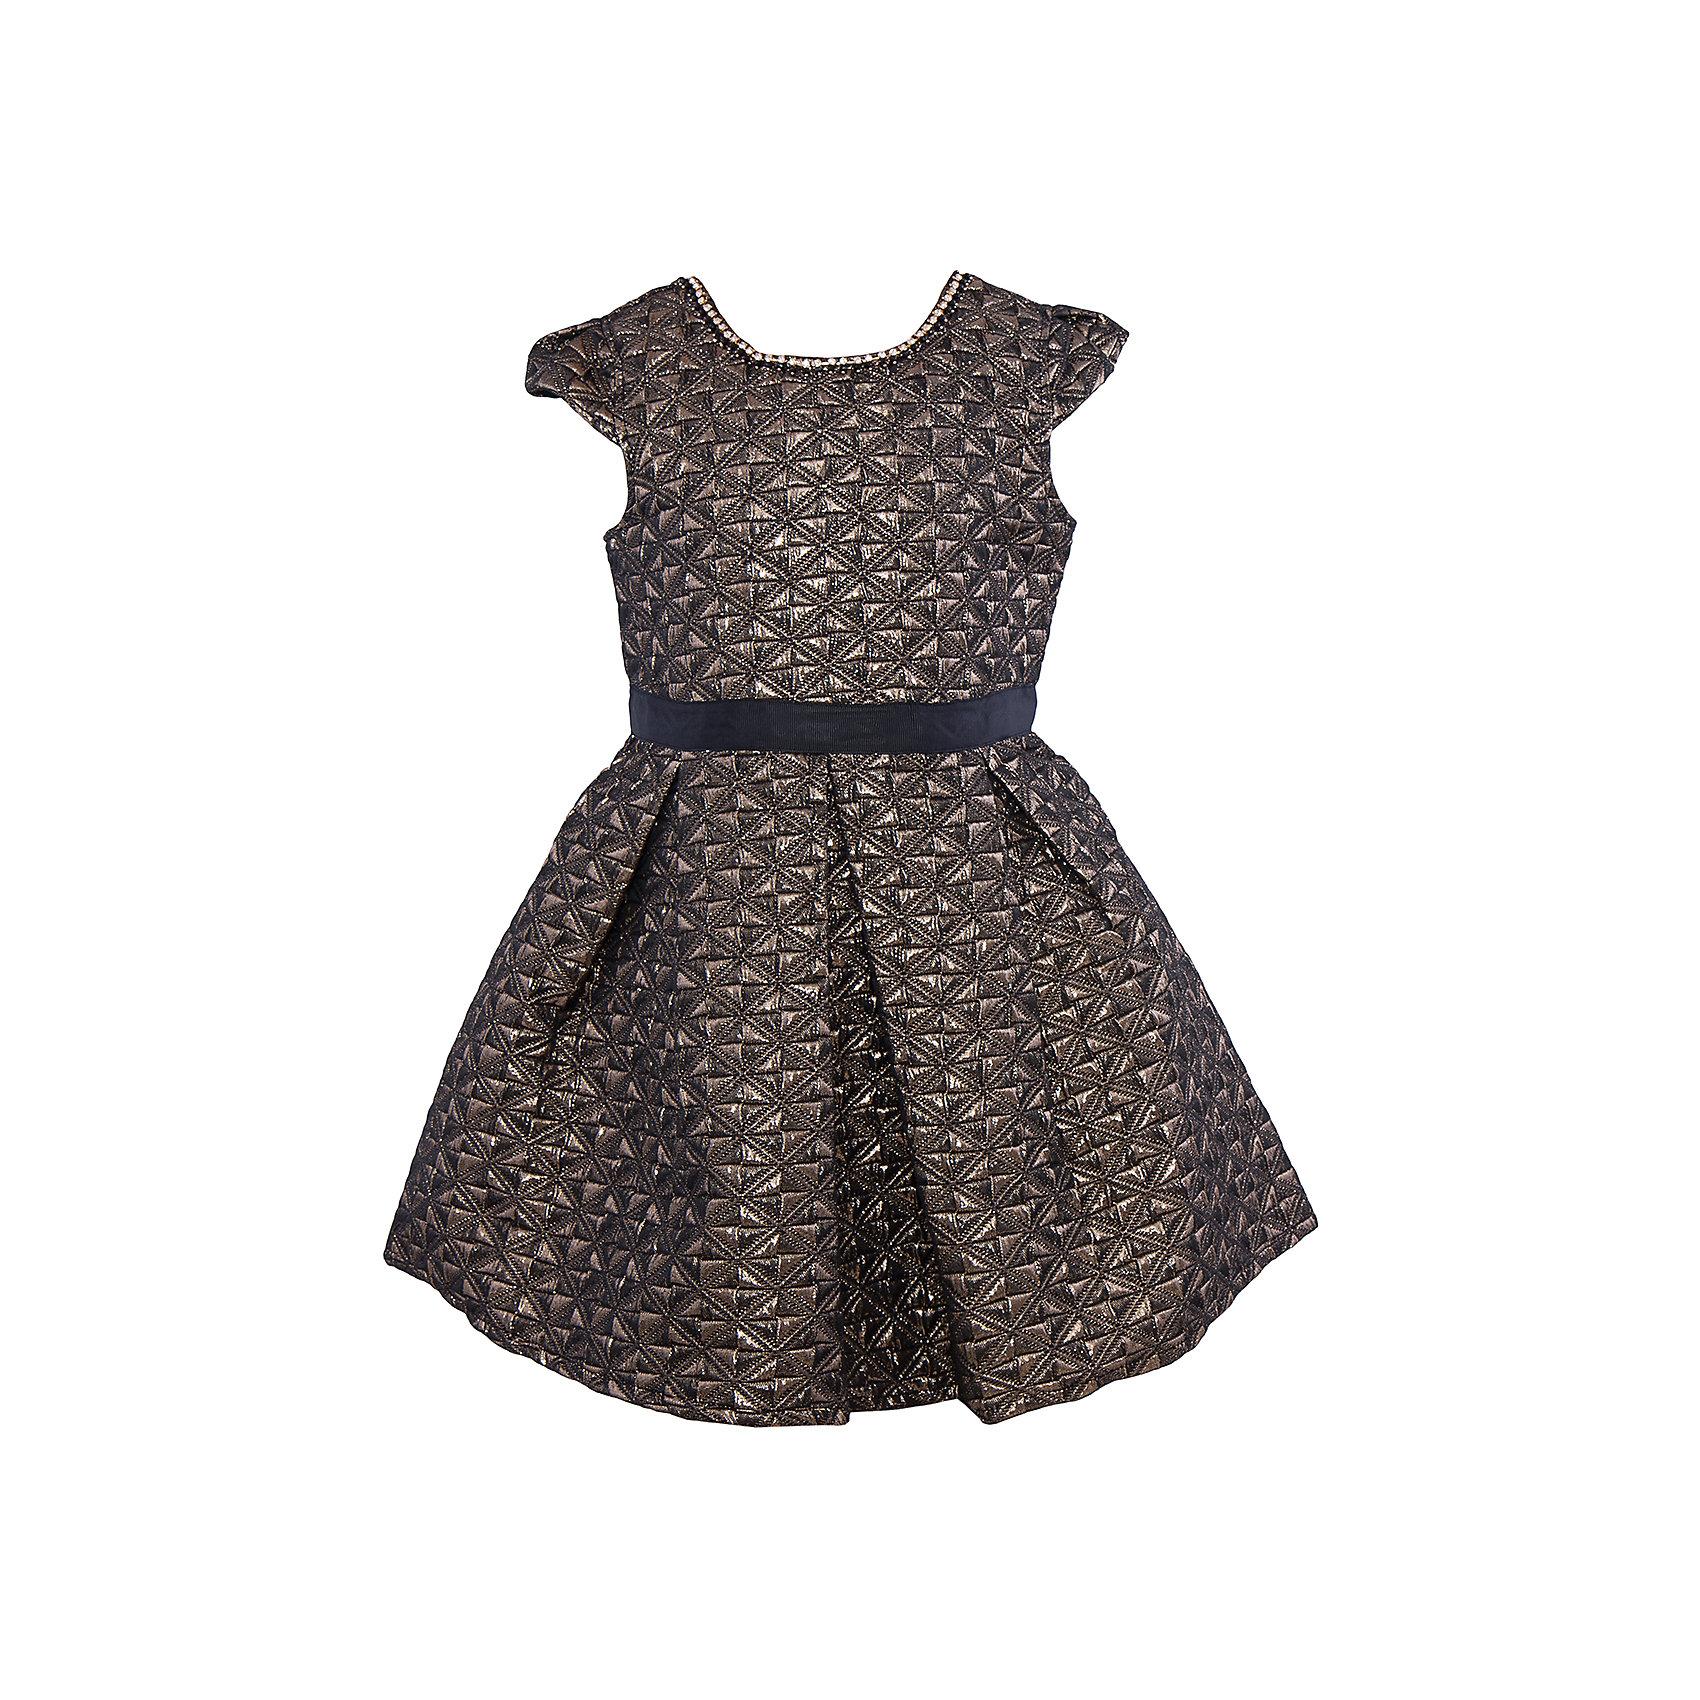 Нарядное платье для девочки Sweet BerryОдежда<br>Характеристики:<br><br>• Вид одежды: платье<br>• Предназначение: для праздника, торжеств<br>• Сезон: круглый год<br>• Материал: верх – 100% полиэстер; подкладка – 100% хлопок<br>• Цвет: золотистый, черный<br>• Силуэт: классический А-силуэт<br>• Длина платья: миди<br>• Длина рукава: короткий<br>• Вырез горловины: круглый, оформлен декоративной ожерельем из страз<br>• Наличие репсового пояса<br>• Застежка: молния на спинке<br>• Особенности ухода: ручная стирка без применения отбеливающих средств, глажение при низкой температуре <br><br>Sweet Berry – это производитель, который сочетает в своей одежде функциональность, качество, стиль и следование современным мировым тенденциям в детской текстильной индустрии. <br>Стильное платье для девочки от знаменитого производителя детской одежды Sweet Berry выполнено из полиэстера с хлопковой подкладкой. Изделие имеет классический силуэт с отрезной талией и многослойную юбку. Полочка и верхняя юбка выполнены из ткани с жаккардовым узором золотистого цвета. Горловина оформлена ожерельем из страз. У платья короткие рукава, пышность которым придает складка у основания. В комплекте имеется неширокий репсовый пояс. Праздничное платье от Sweet Berry – это залог успеха вашего ребенка на любом торжестве!<br><br>Платье для девочки Sweet Berry можно купить в нашем интернет-магазине.<br><br>Ширина мм: 236<br>Глубина мм: 16<br>Высота мм: 184<br>Вес г: 177<br>Цвет: черный<br>Возраст от месяцев: 60<br>Возраст до месяцев: 72<br>Пол: Женский<br>Возраст: Детский<br>Размер: 116,122,128,104,98,110<br>SKU: 5052203